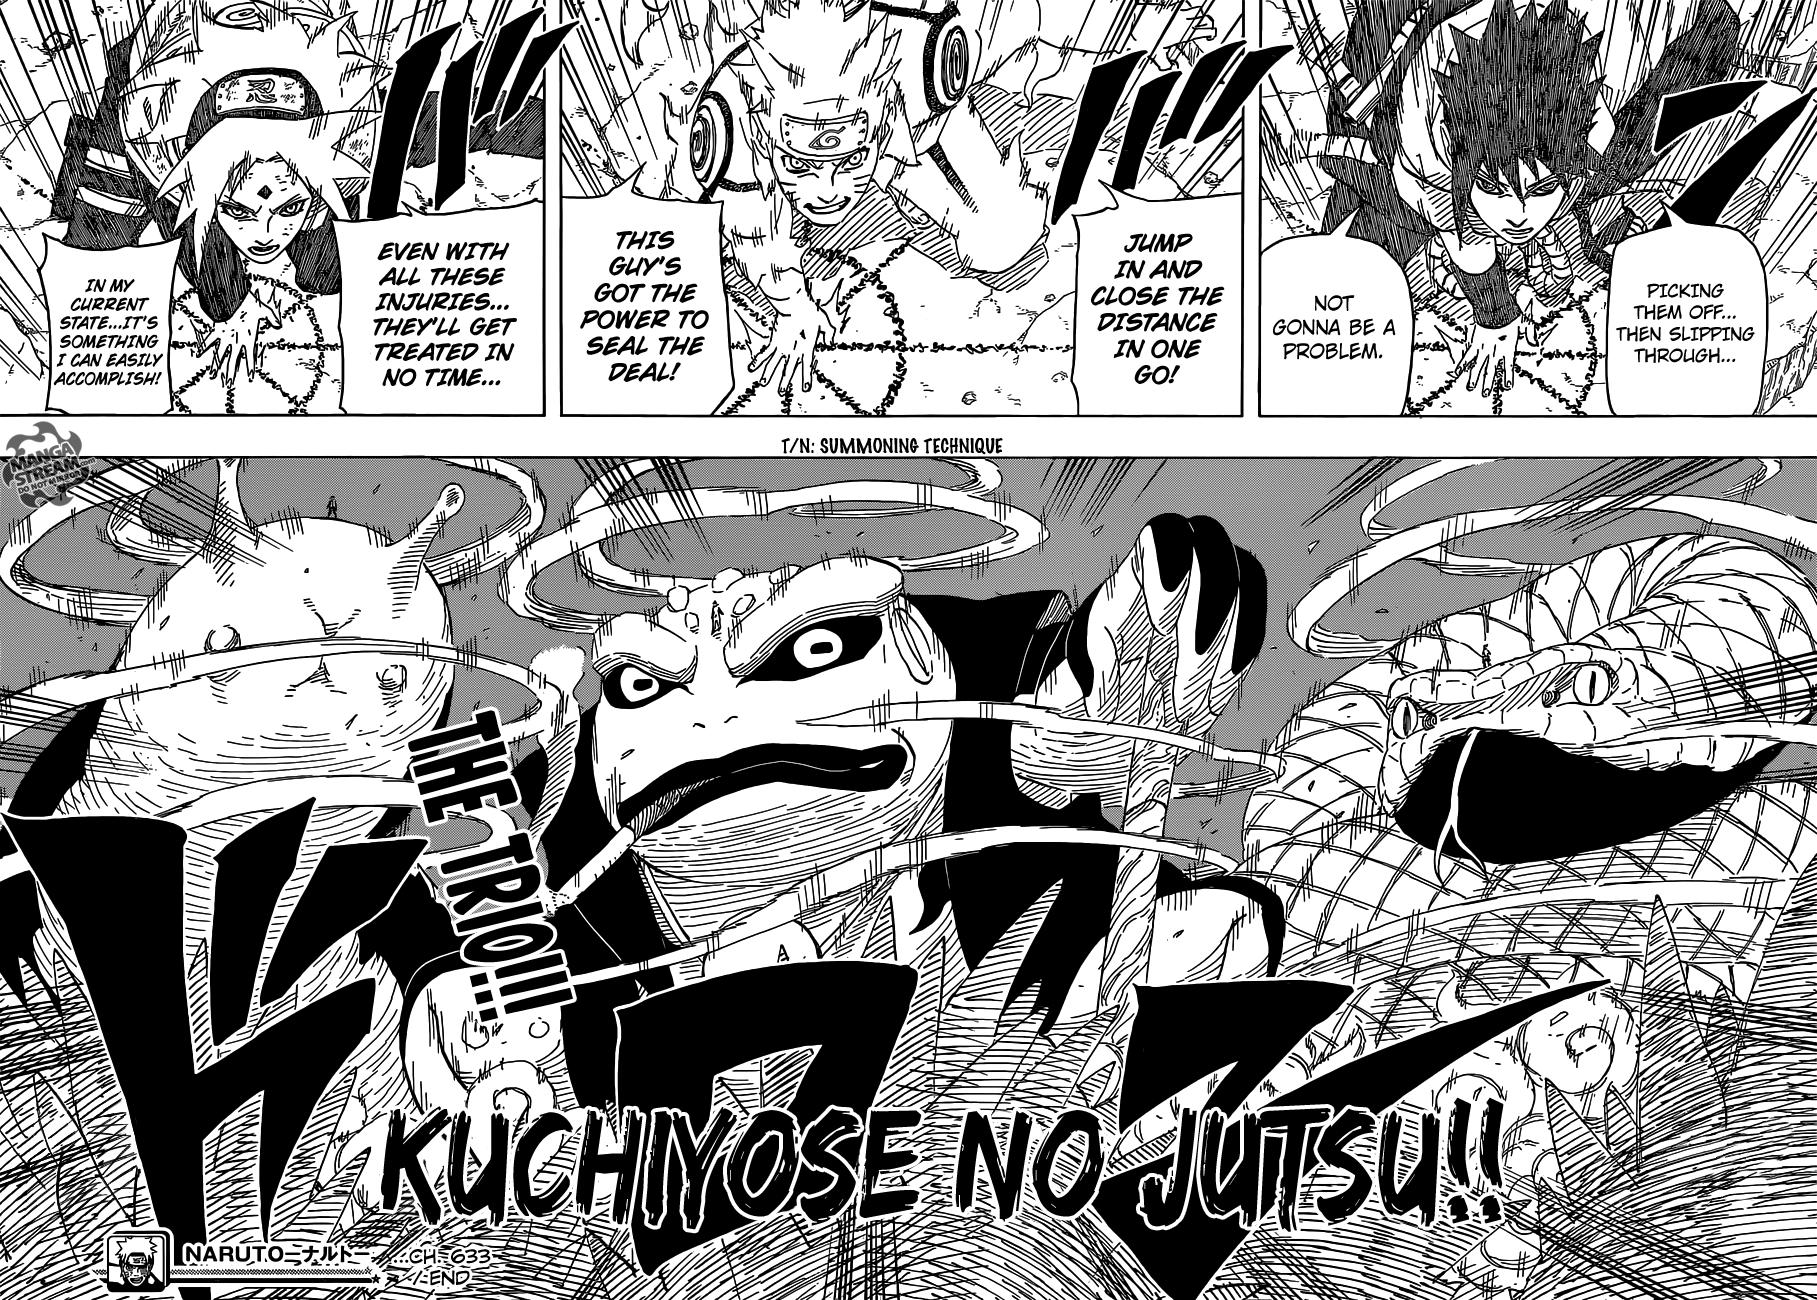 naruto anime jutsu list: Random Comic Pages Anime And More